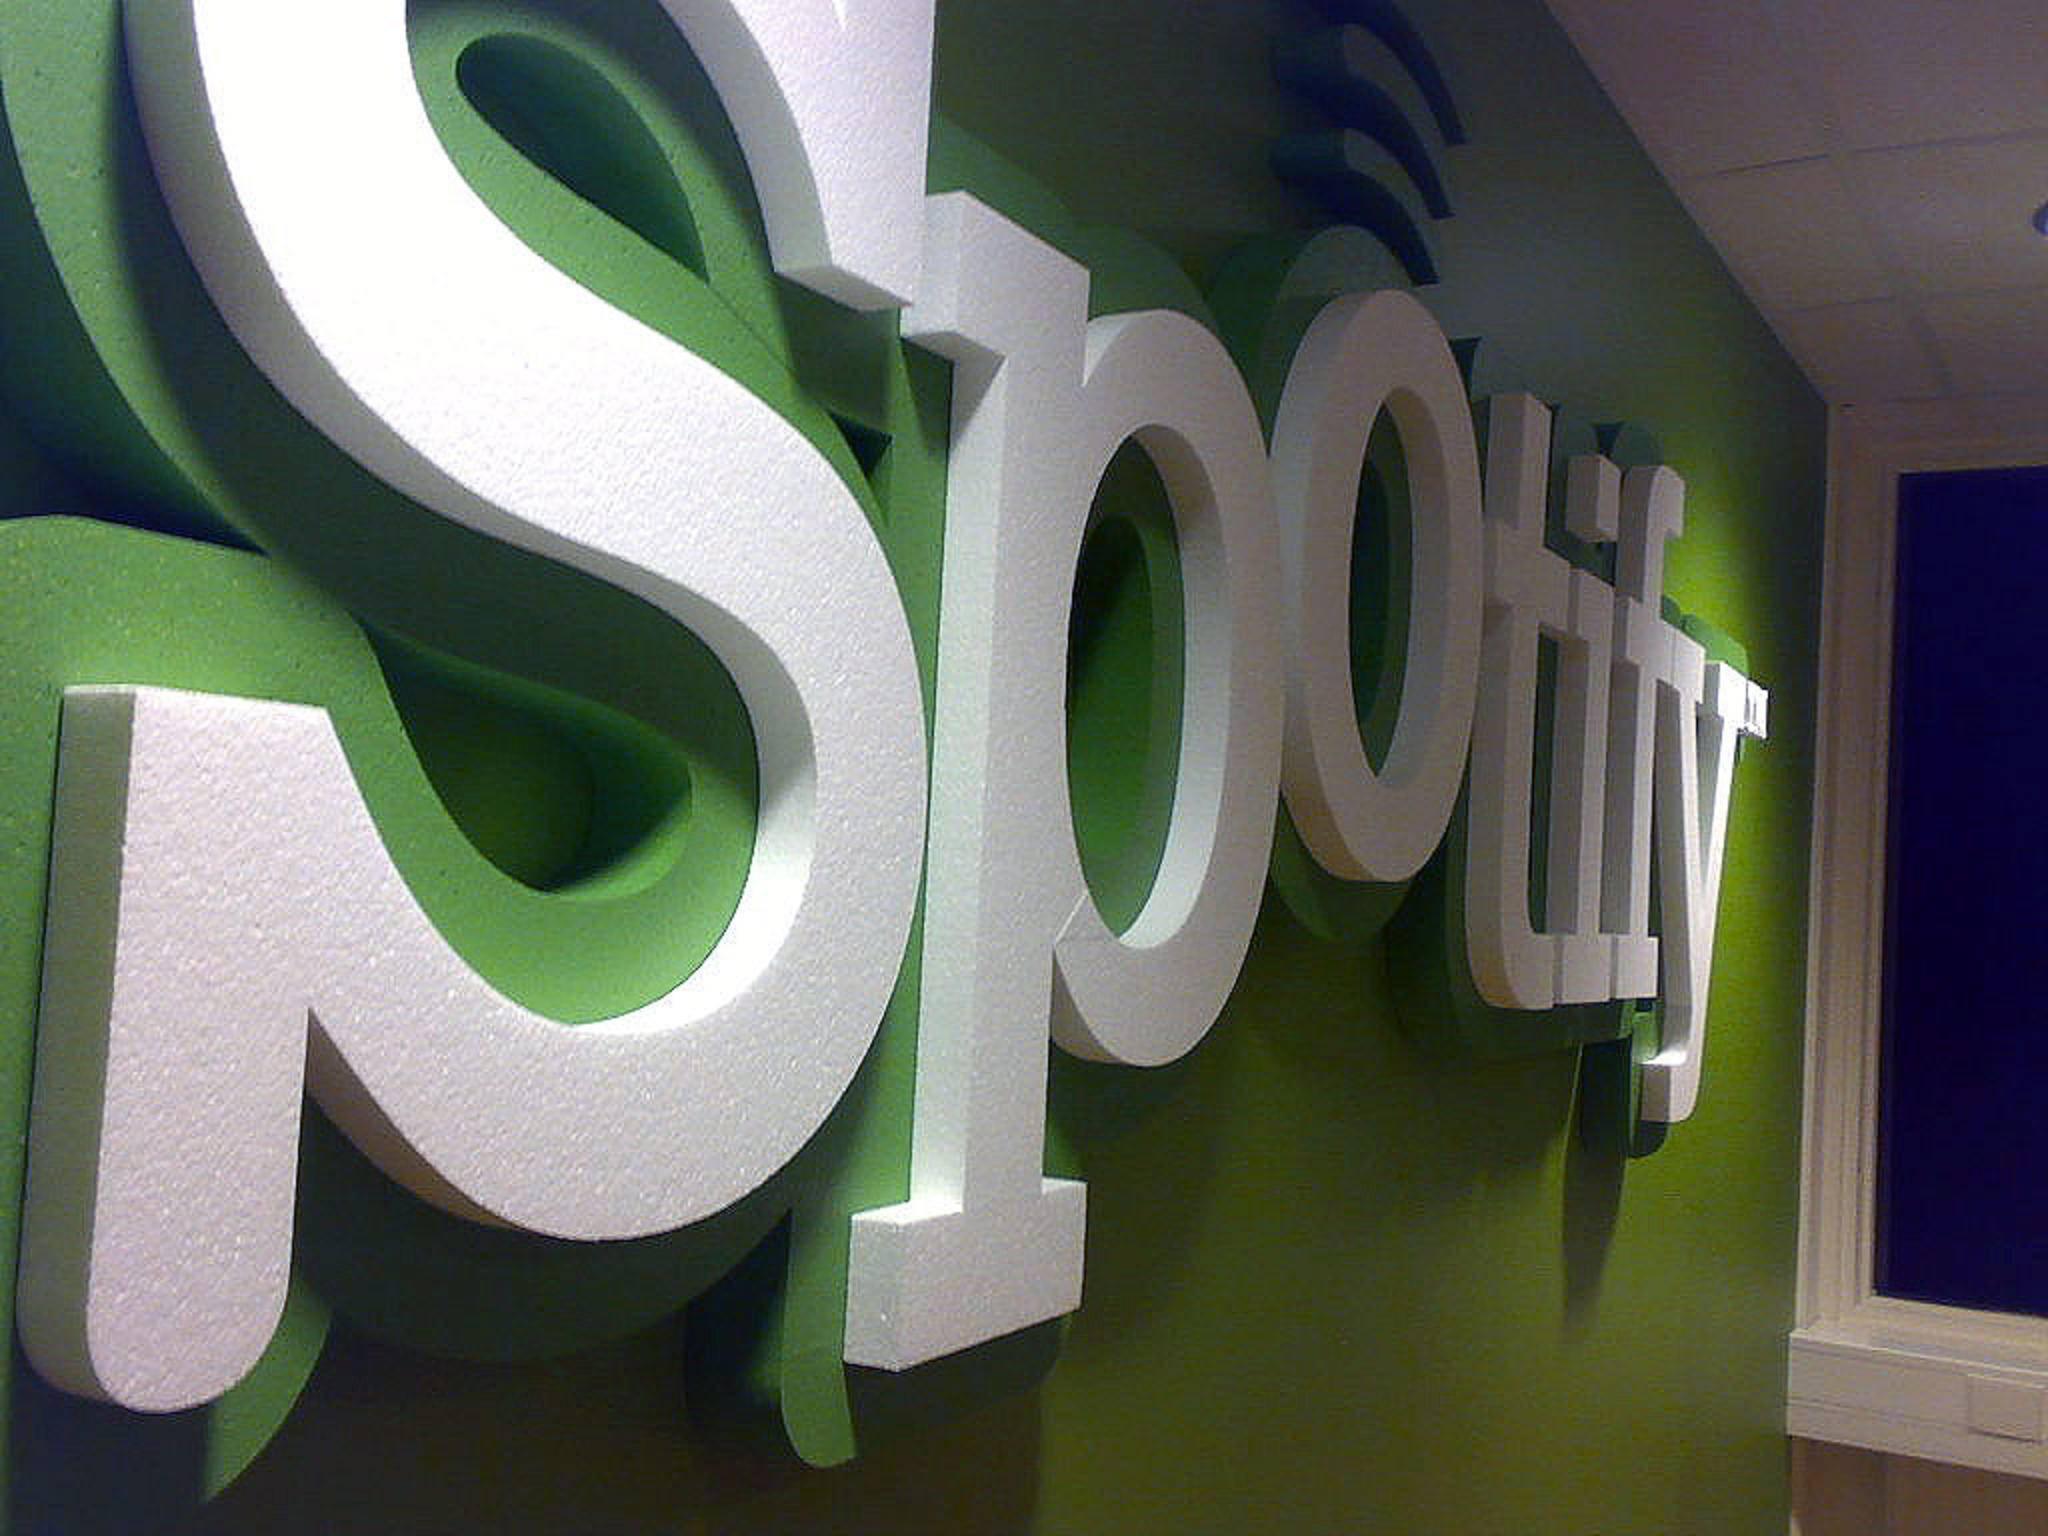 Hunderte geleakter Nutzerdaten des Streaming-Dienstes Spotify sind aufgetaucht.